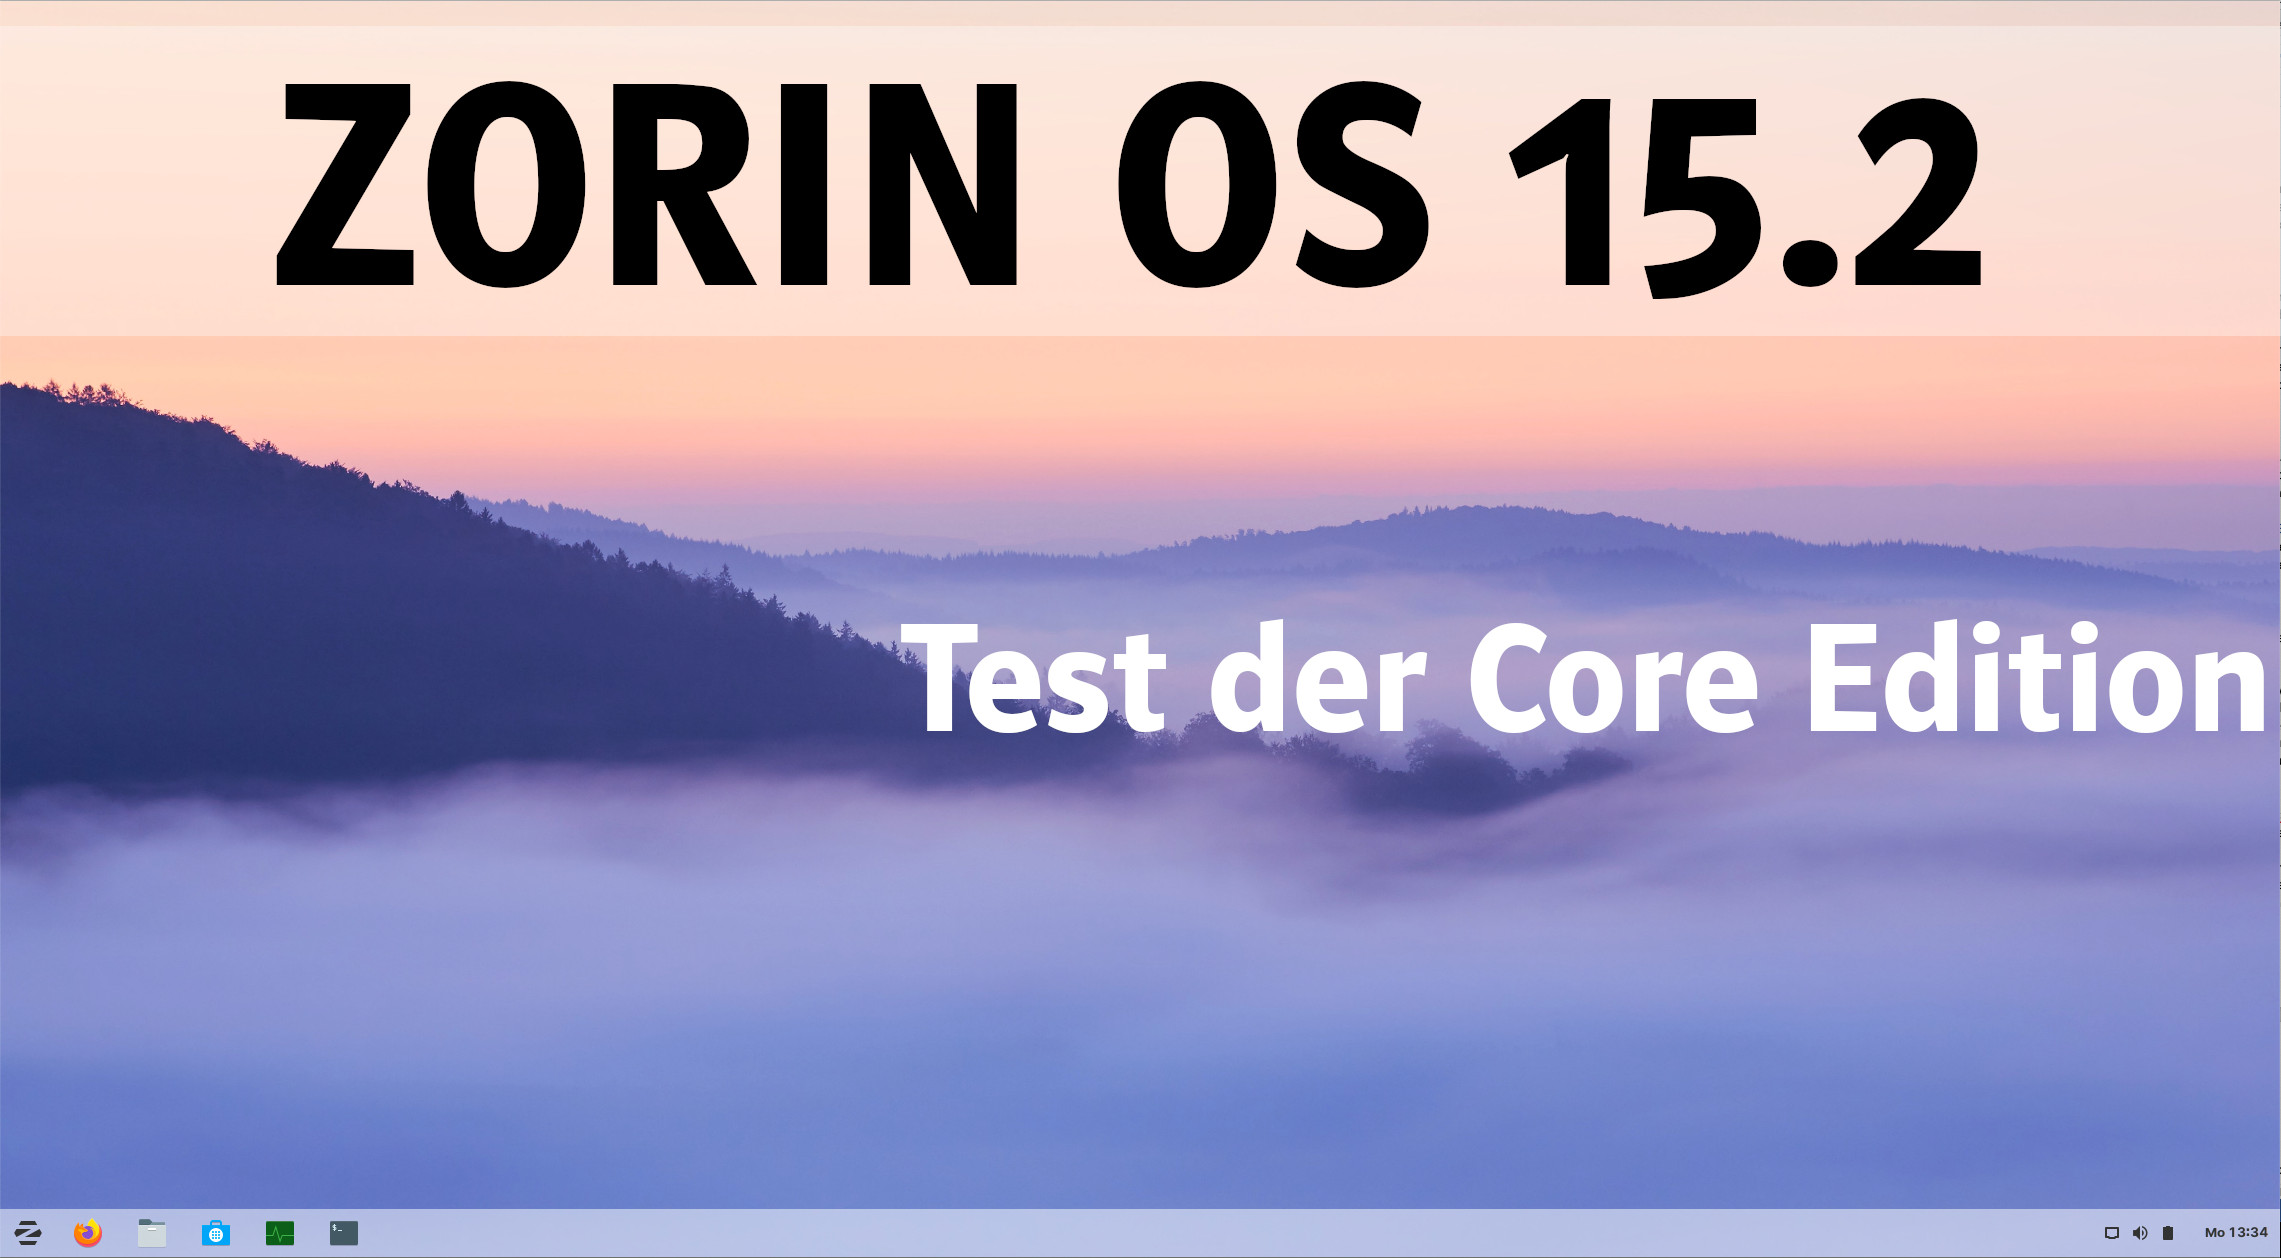 Zorin OS 15.2